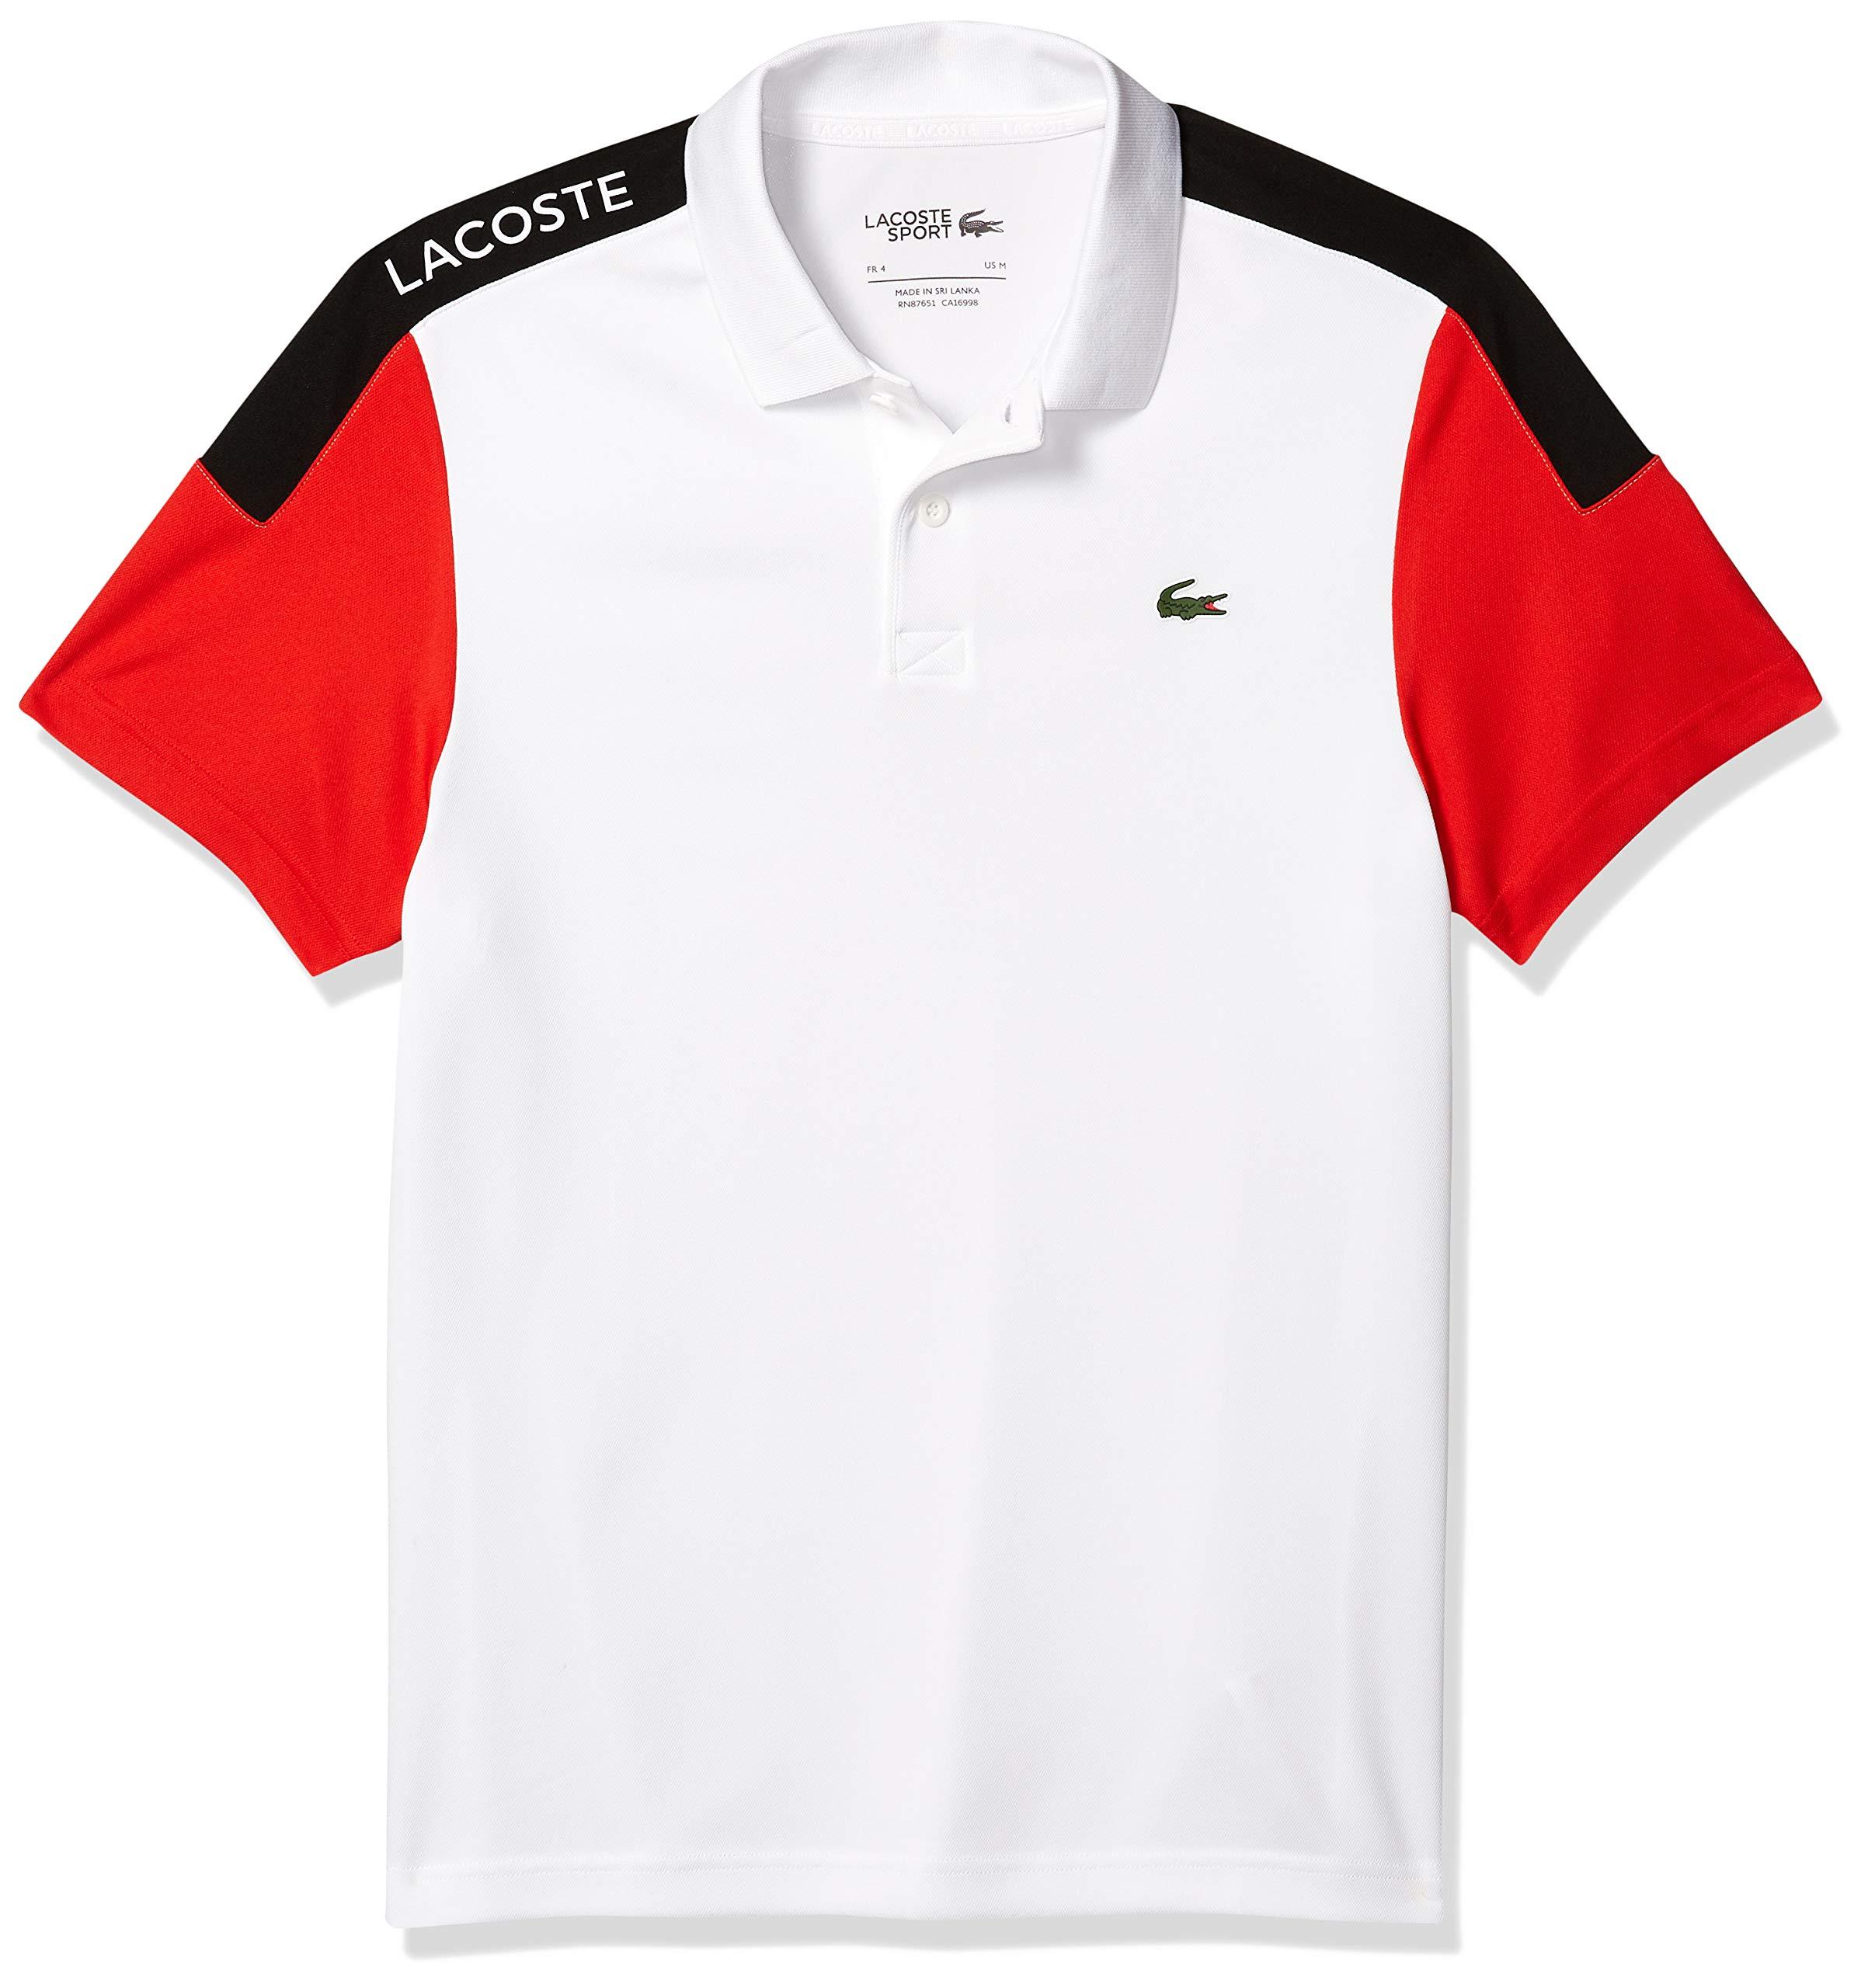 L Lacoste Mens Sport Miami Open Ultra Dry Colorblock Polo Shirt Bermuda//White-Bermuda